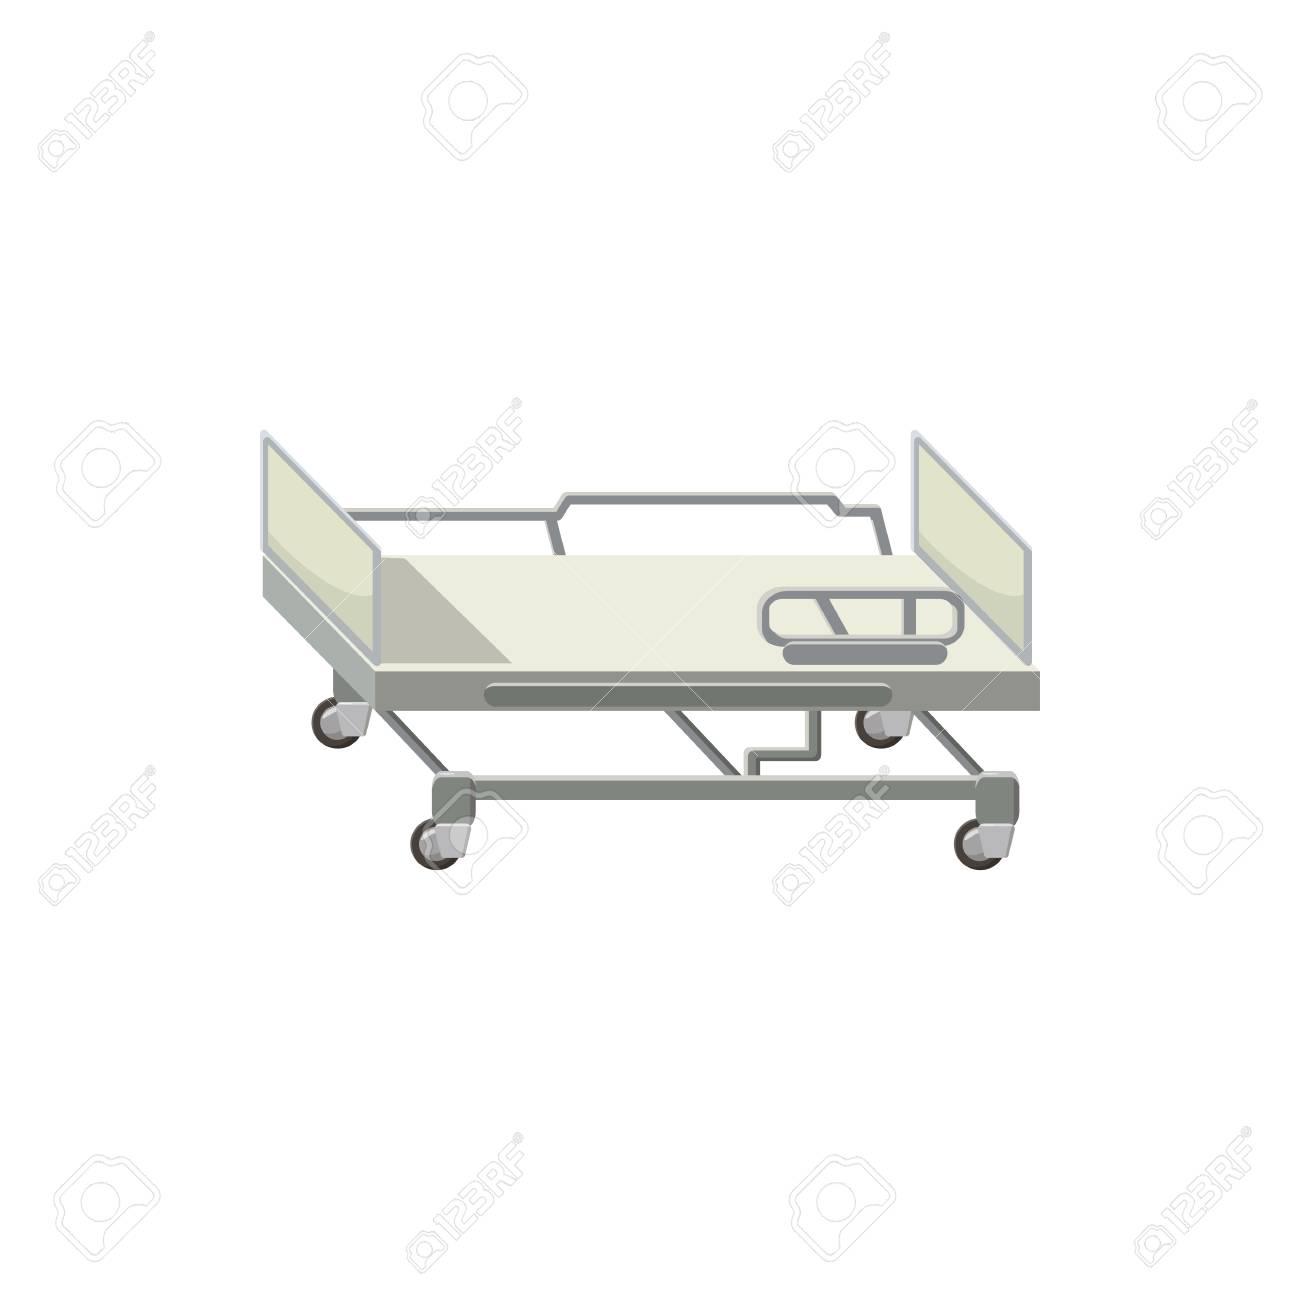 Mobile Icono De La Cama Médica En El Estilo De Dibujos Animados ...